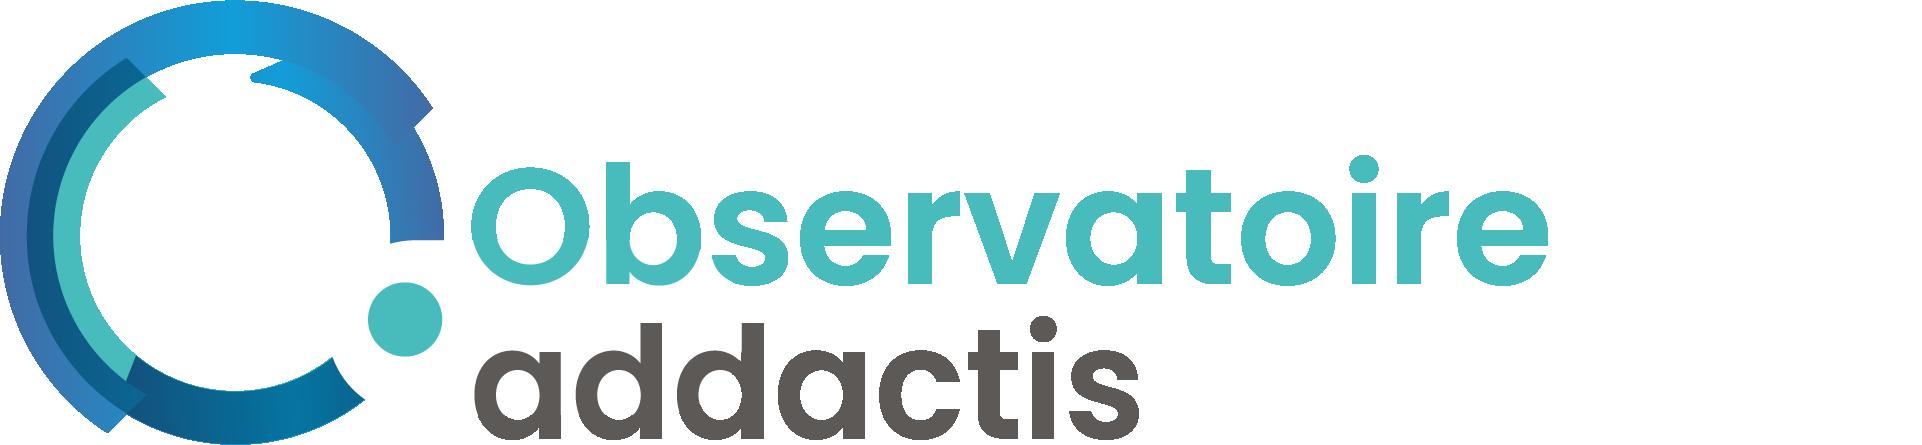 L'Observatoire addactis logo couleur